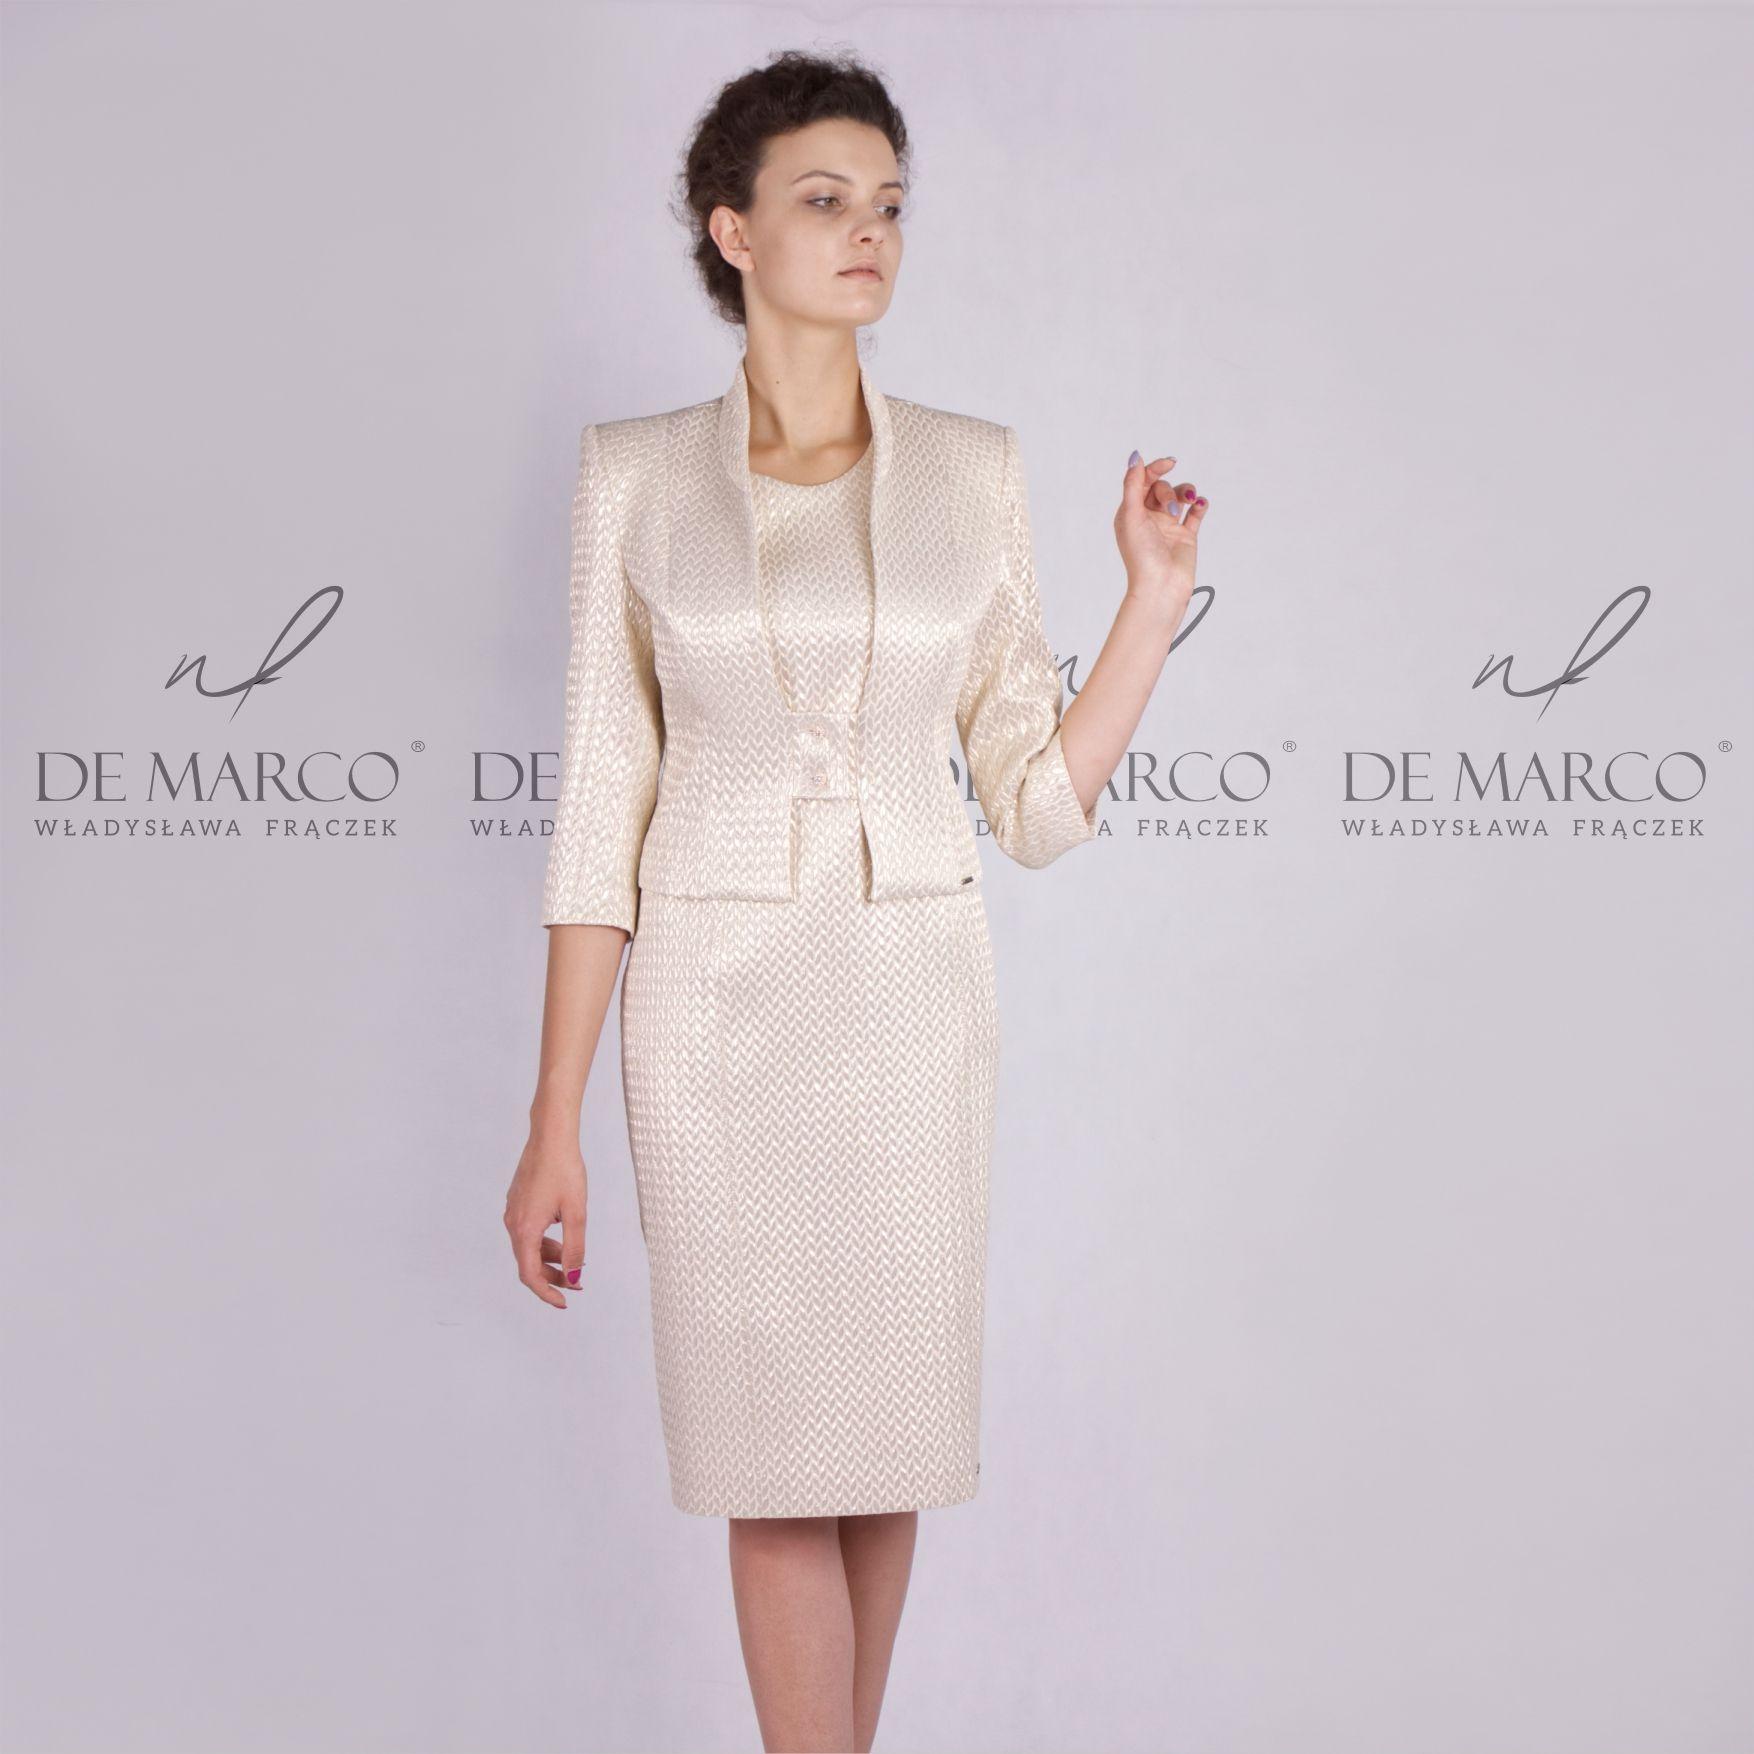 Ekskluzywne Suknie Dla Mamy Weselnej Dresses For Work Fashion Dresses